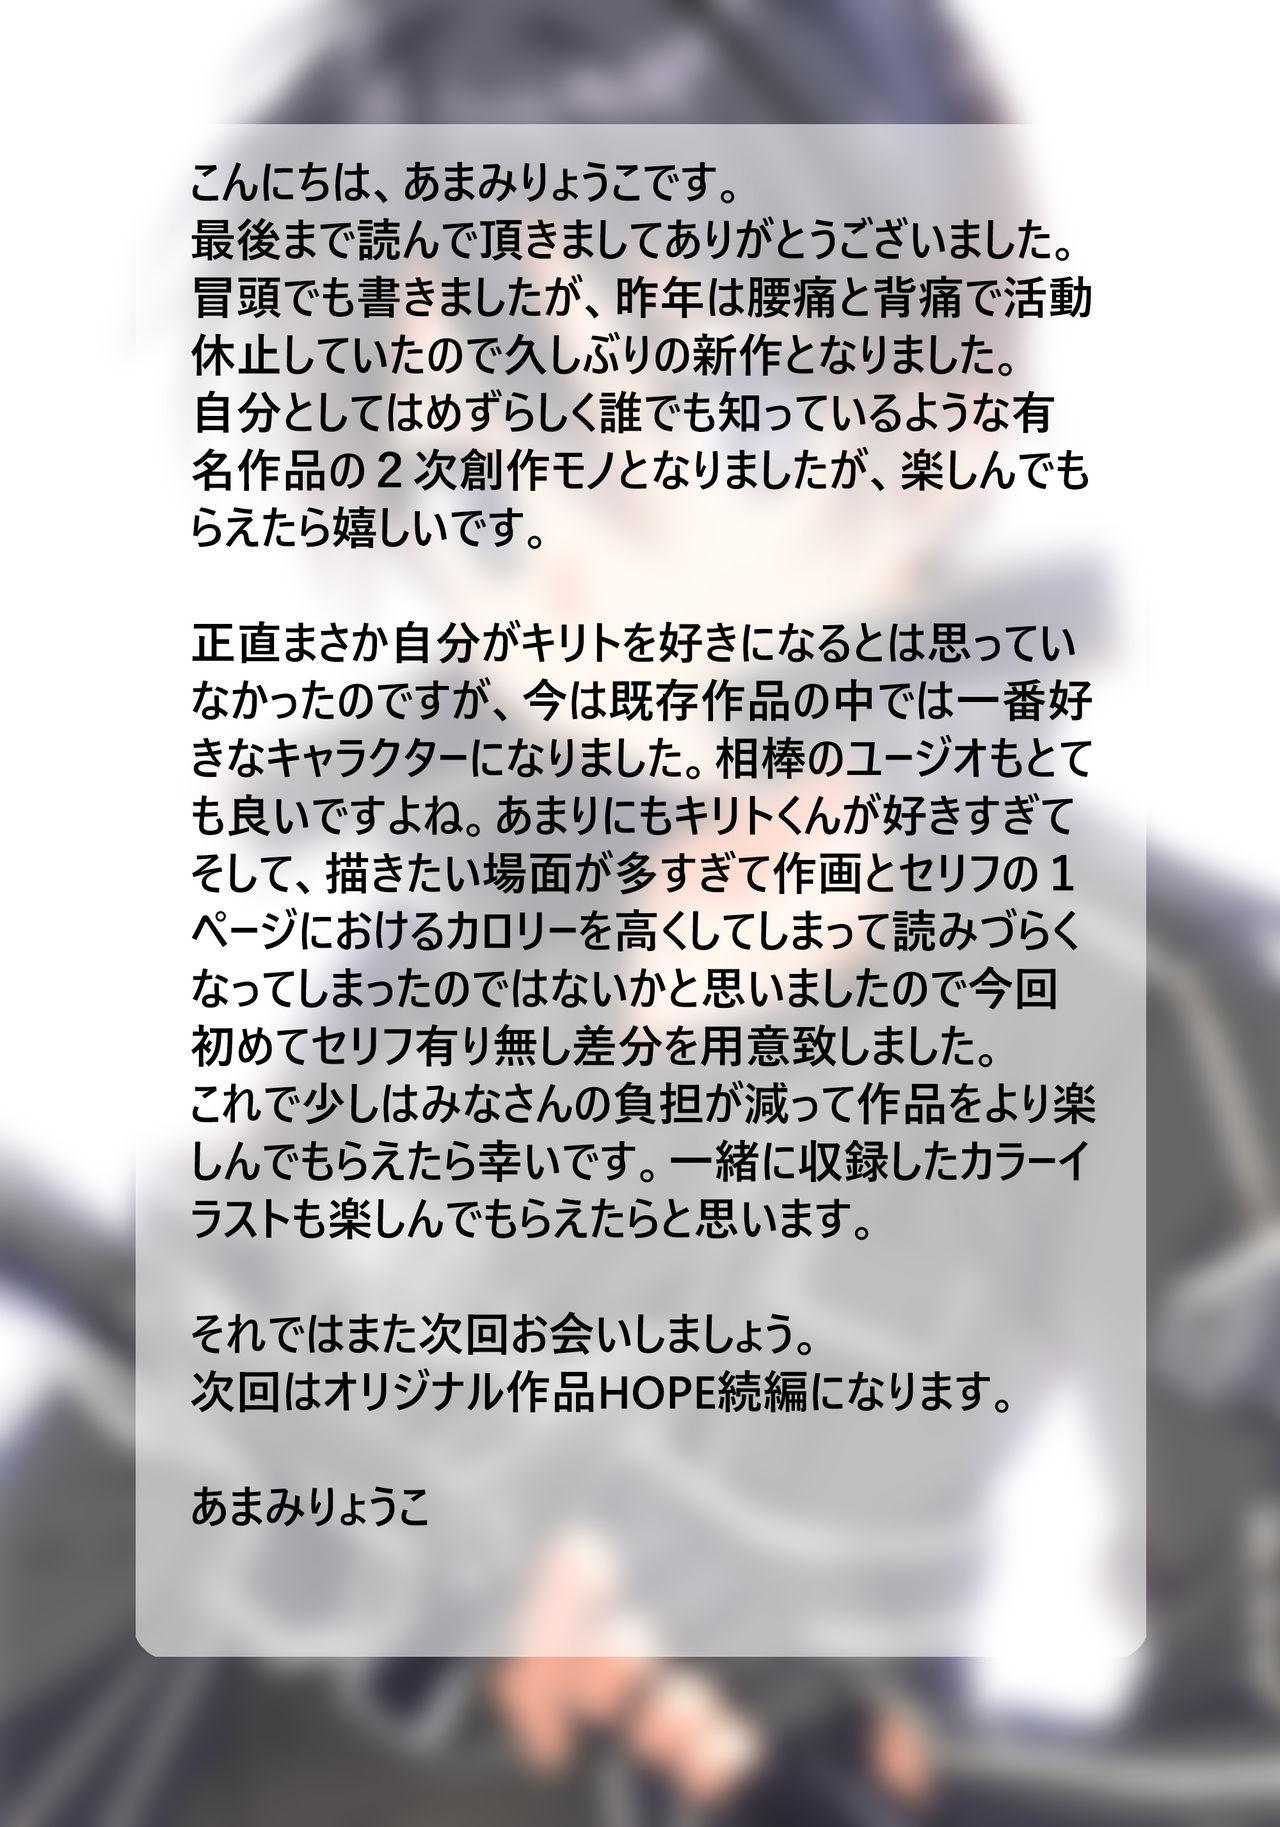 Kuro no Kenshi Ryoujoku 83